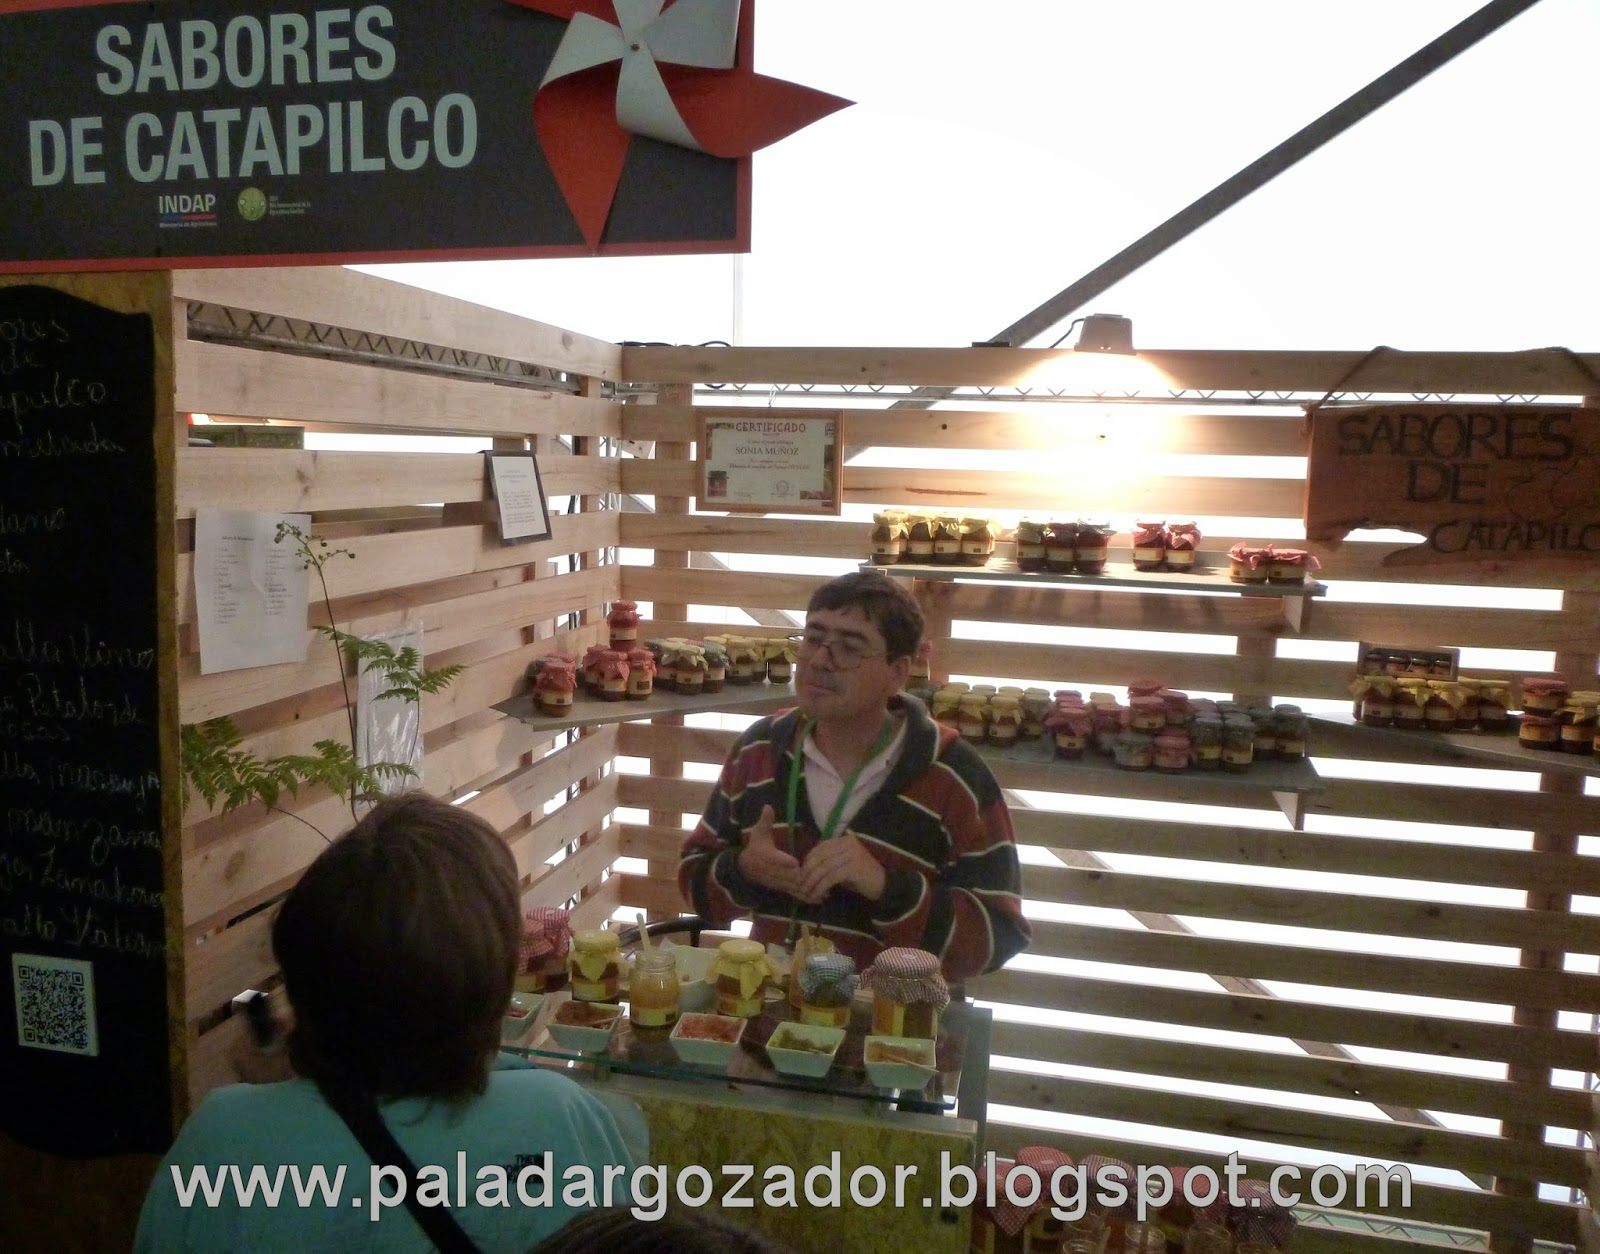 Stand expo rural Sabores Catapilco